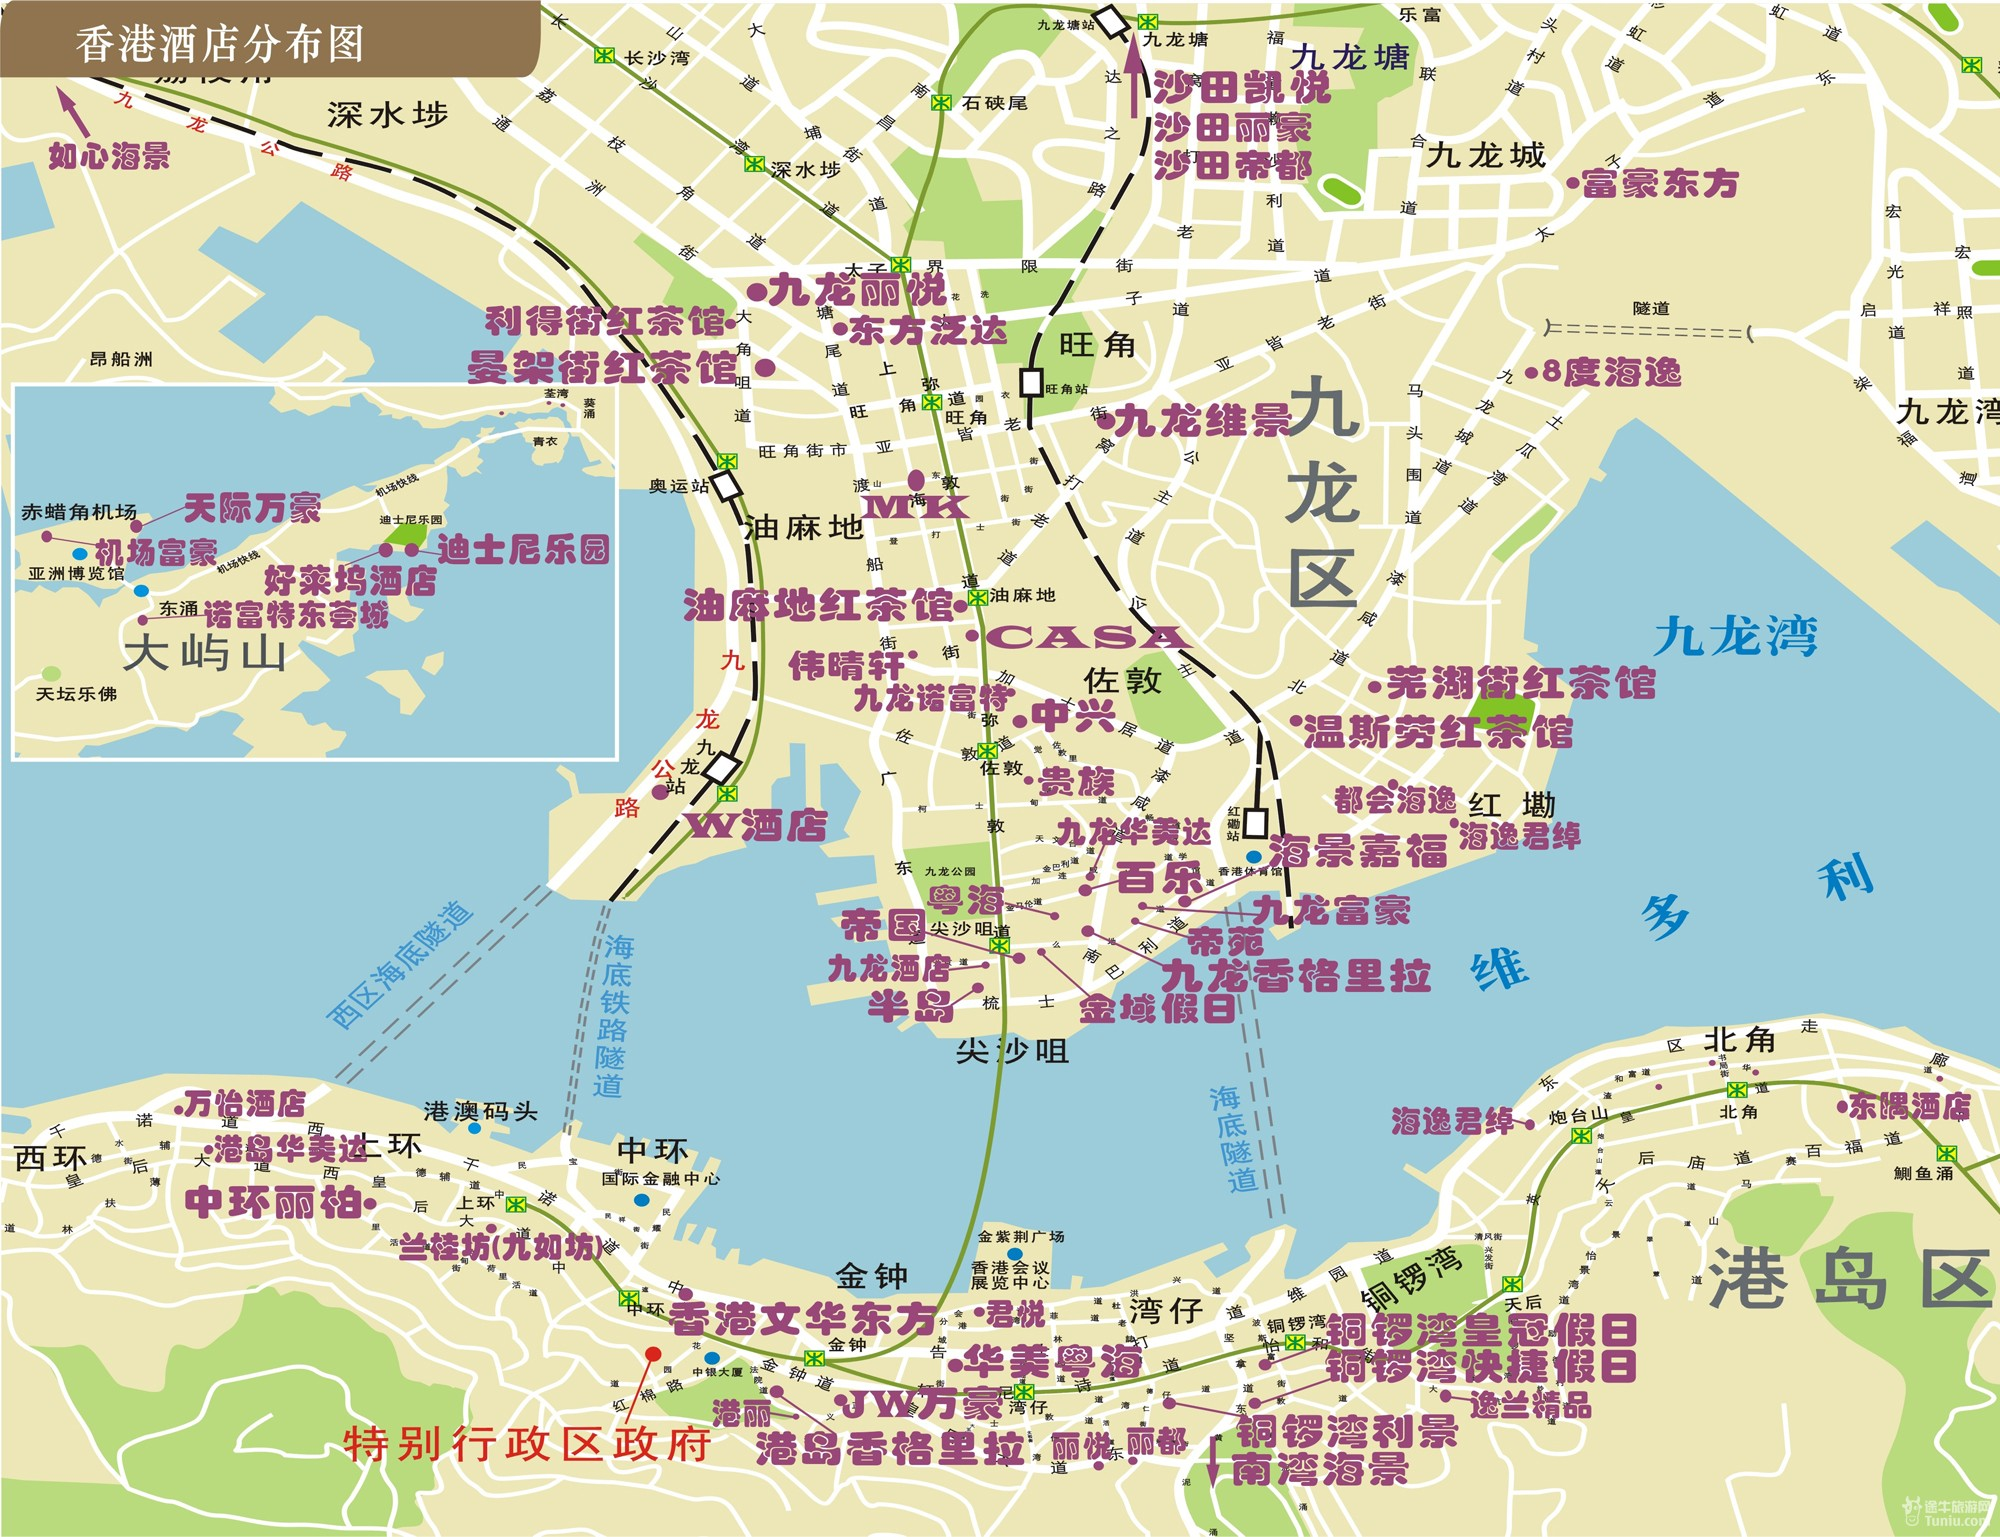 香港旅游地图全图 桂林旅游地图全图 西安旅游地图全图